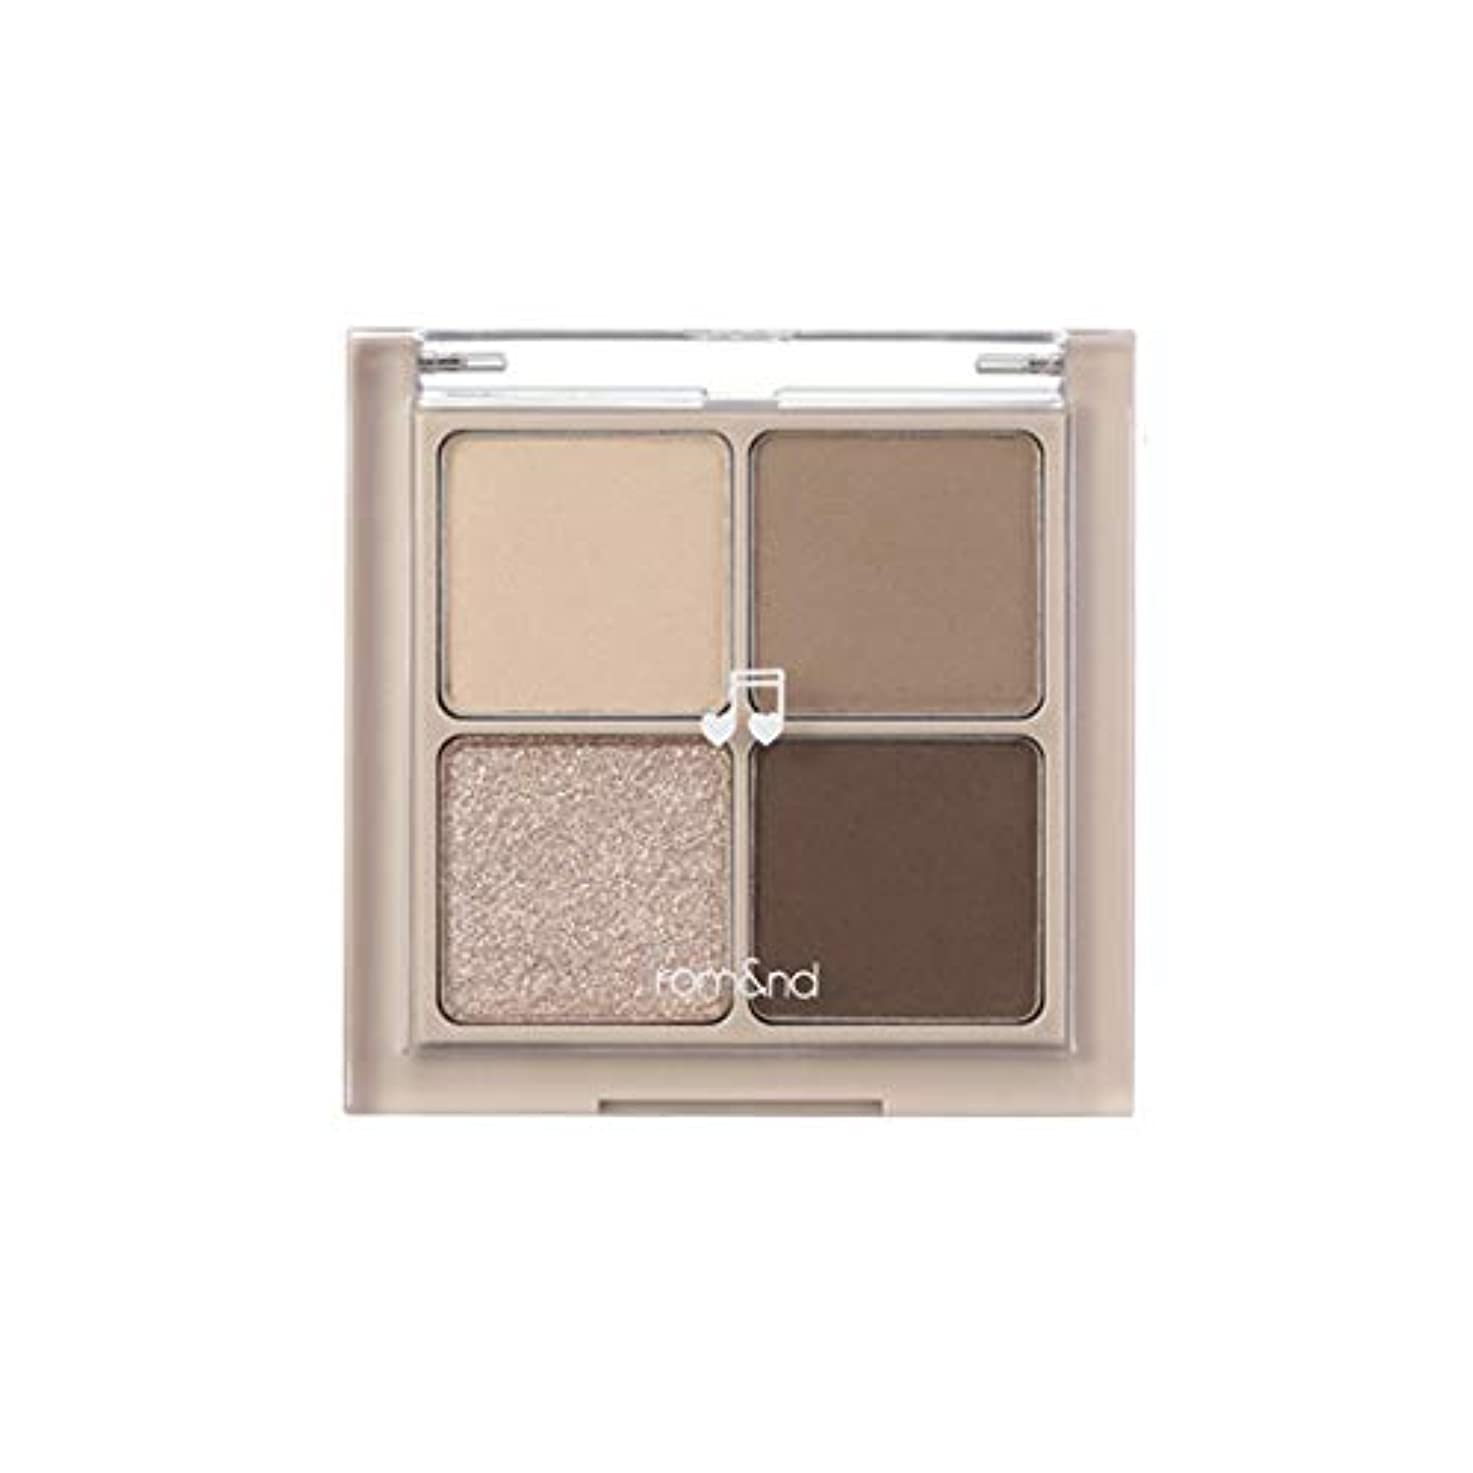 推論出身地対処するrom&nd BETTER THAN EYES Eyeshadow Palette 4色のアイシャドウパレット # M2 DRY buckwheat flower(並行輸入品)